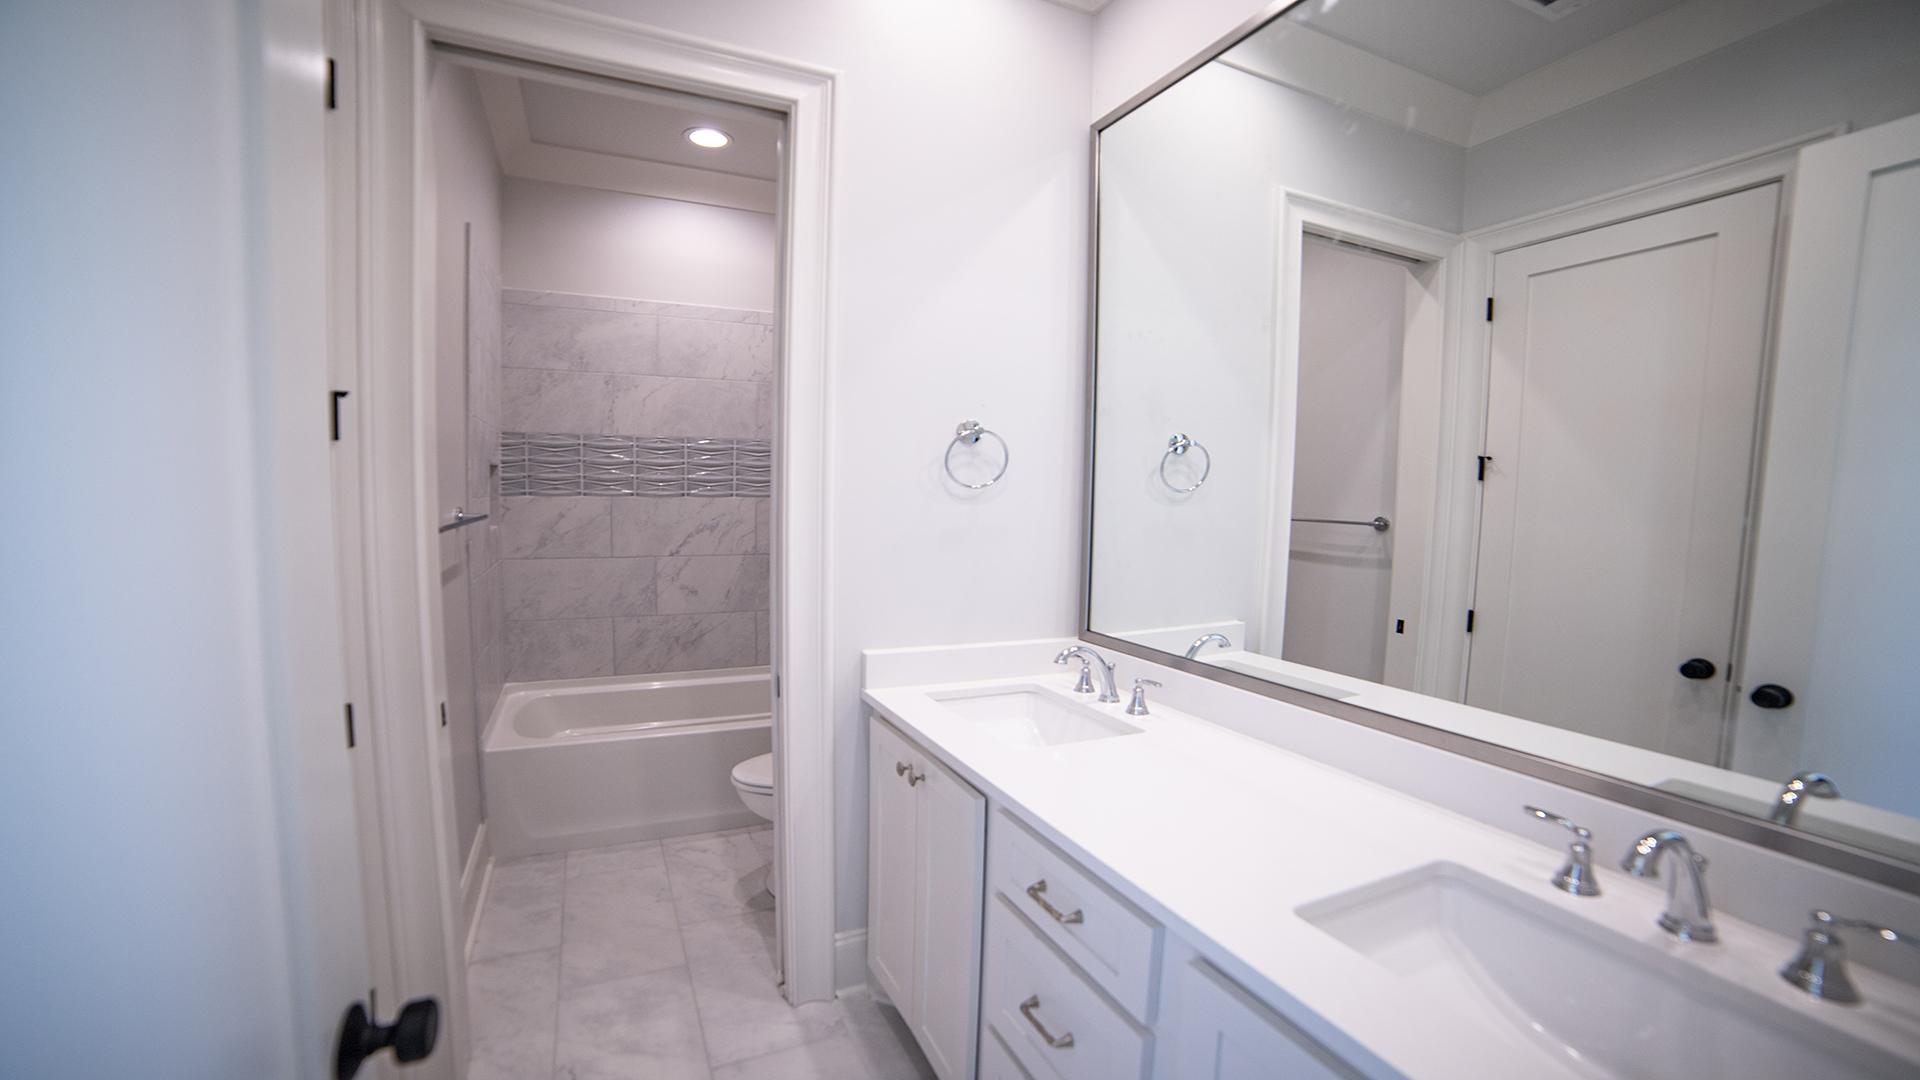 Guest bath with custom shower tile northshore landing brandon mississippi